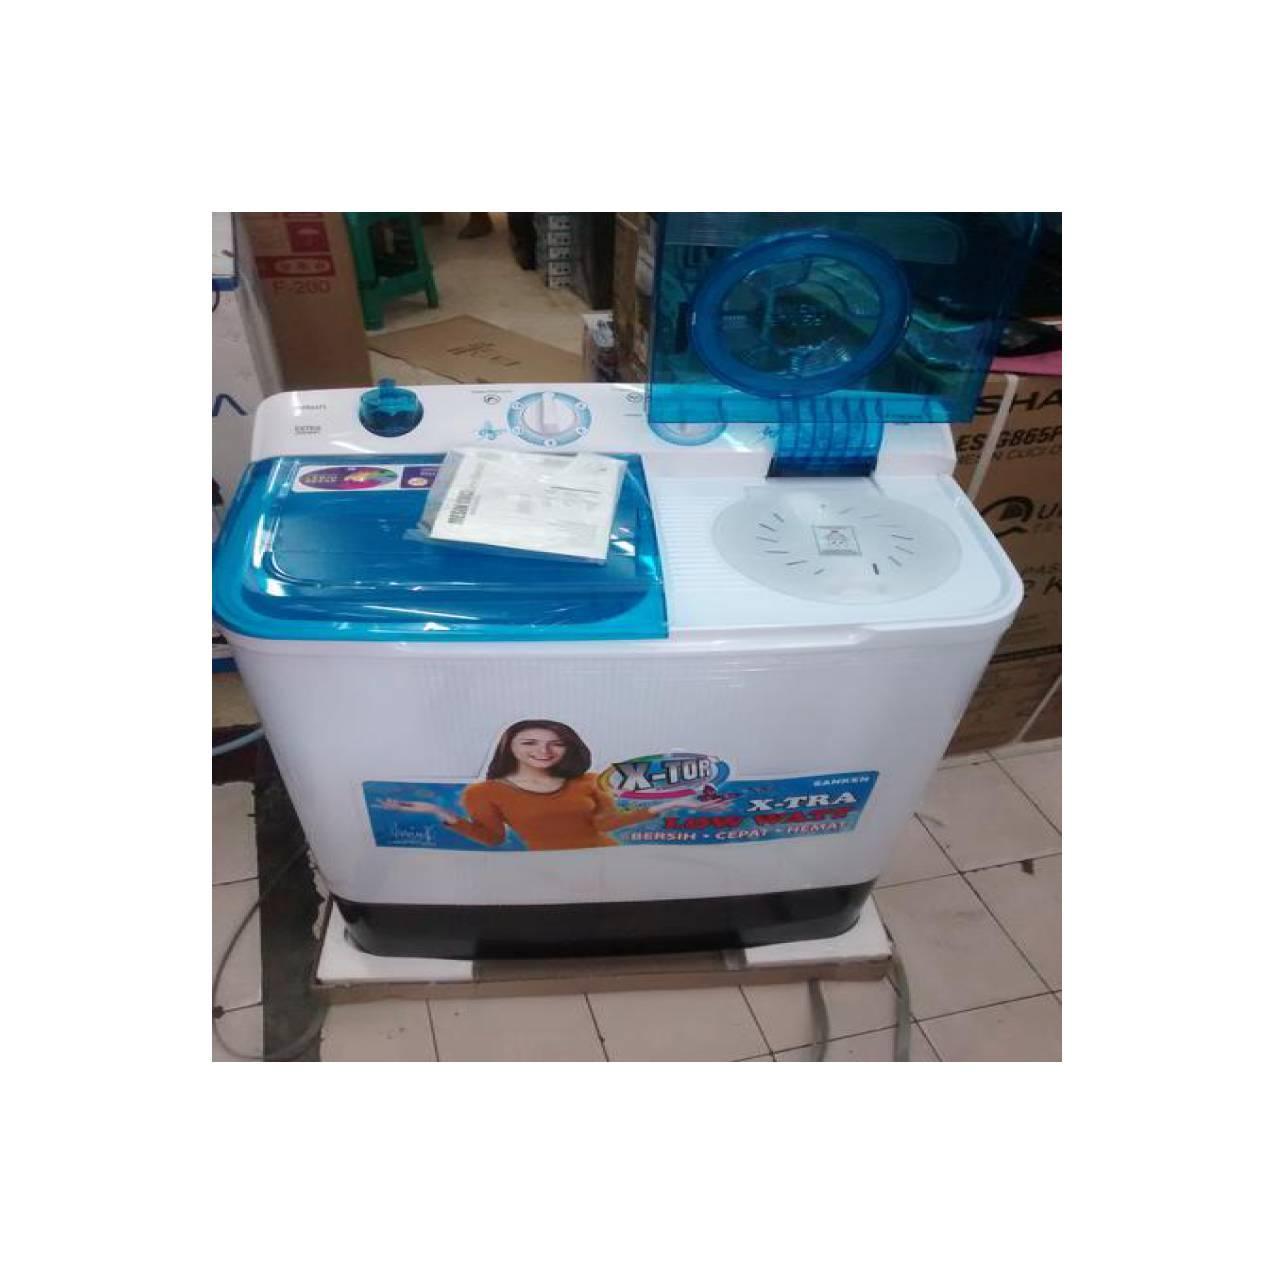 Katalog Harga Mesin Cuci Sanken 8 Kg November 2018 Paling Laris Tw8700 Gratis Biaya Pengiriman Tw 822 2tabung 8kg Low Watt Tutup Transparan